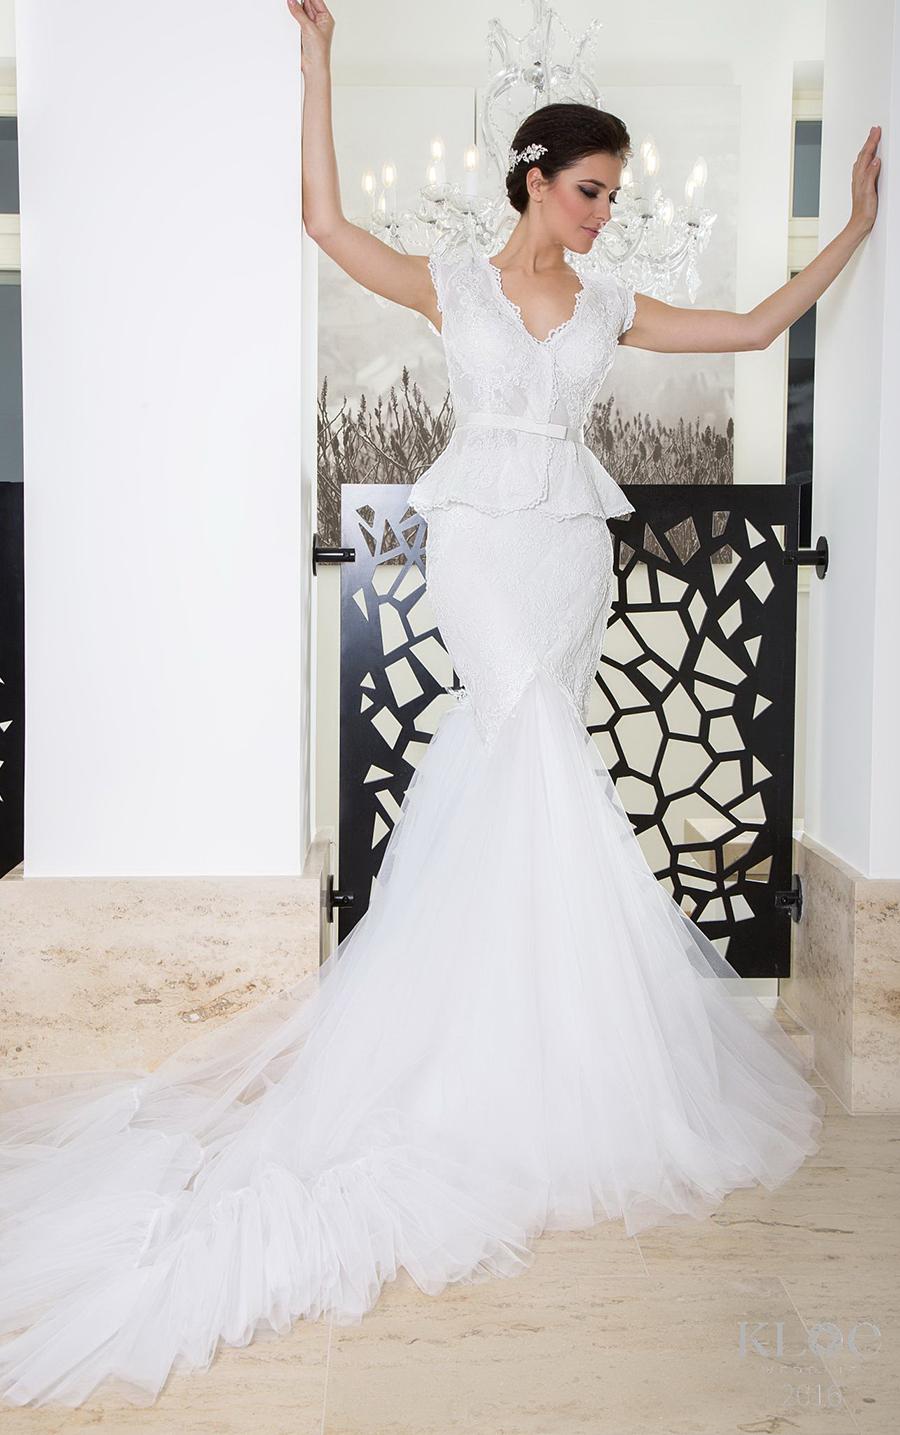 kloe_wedding_30